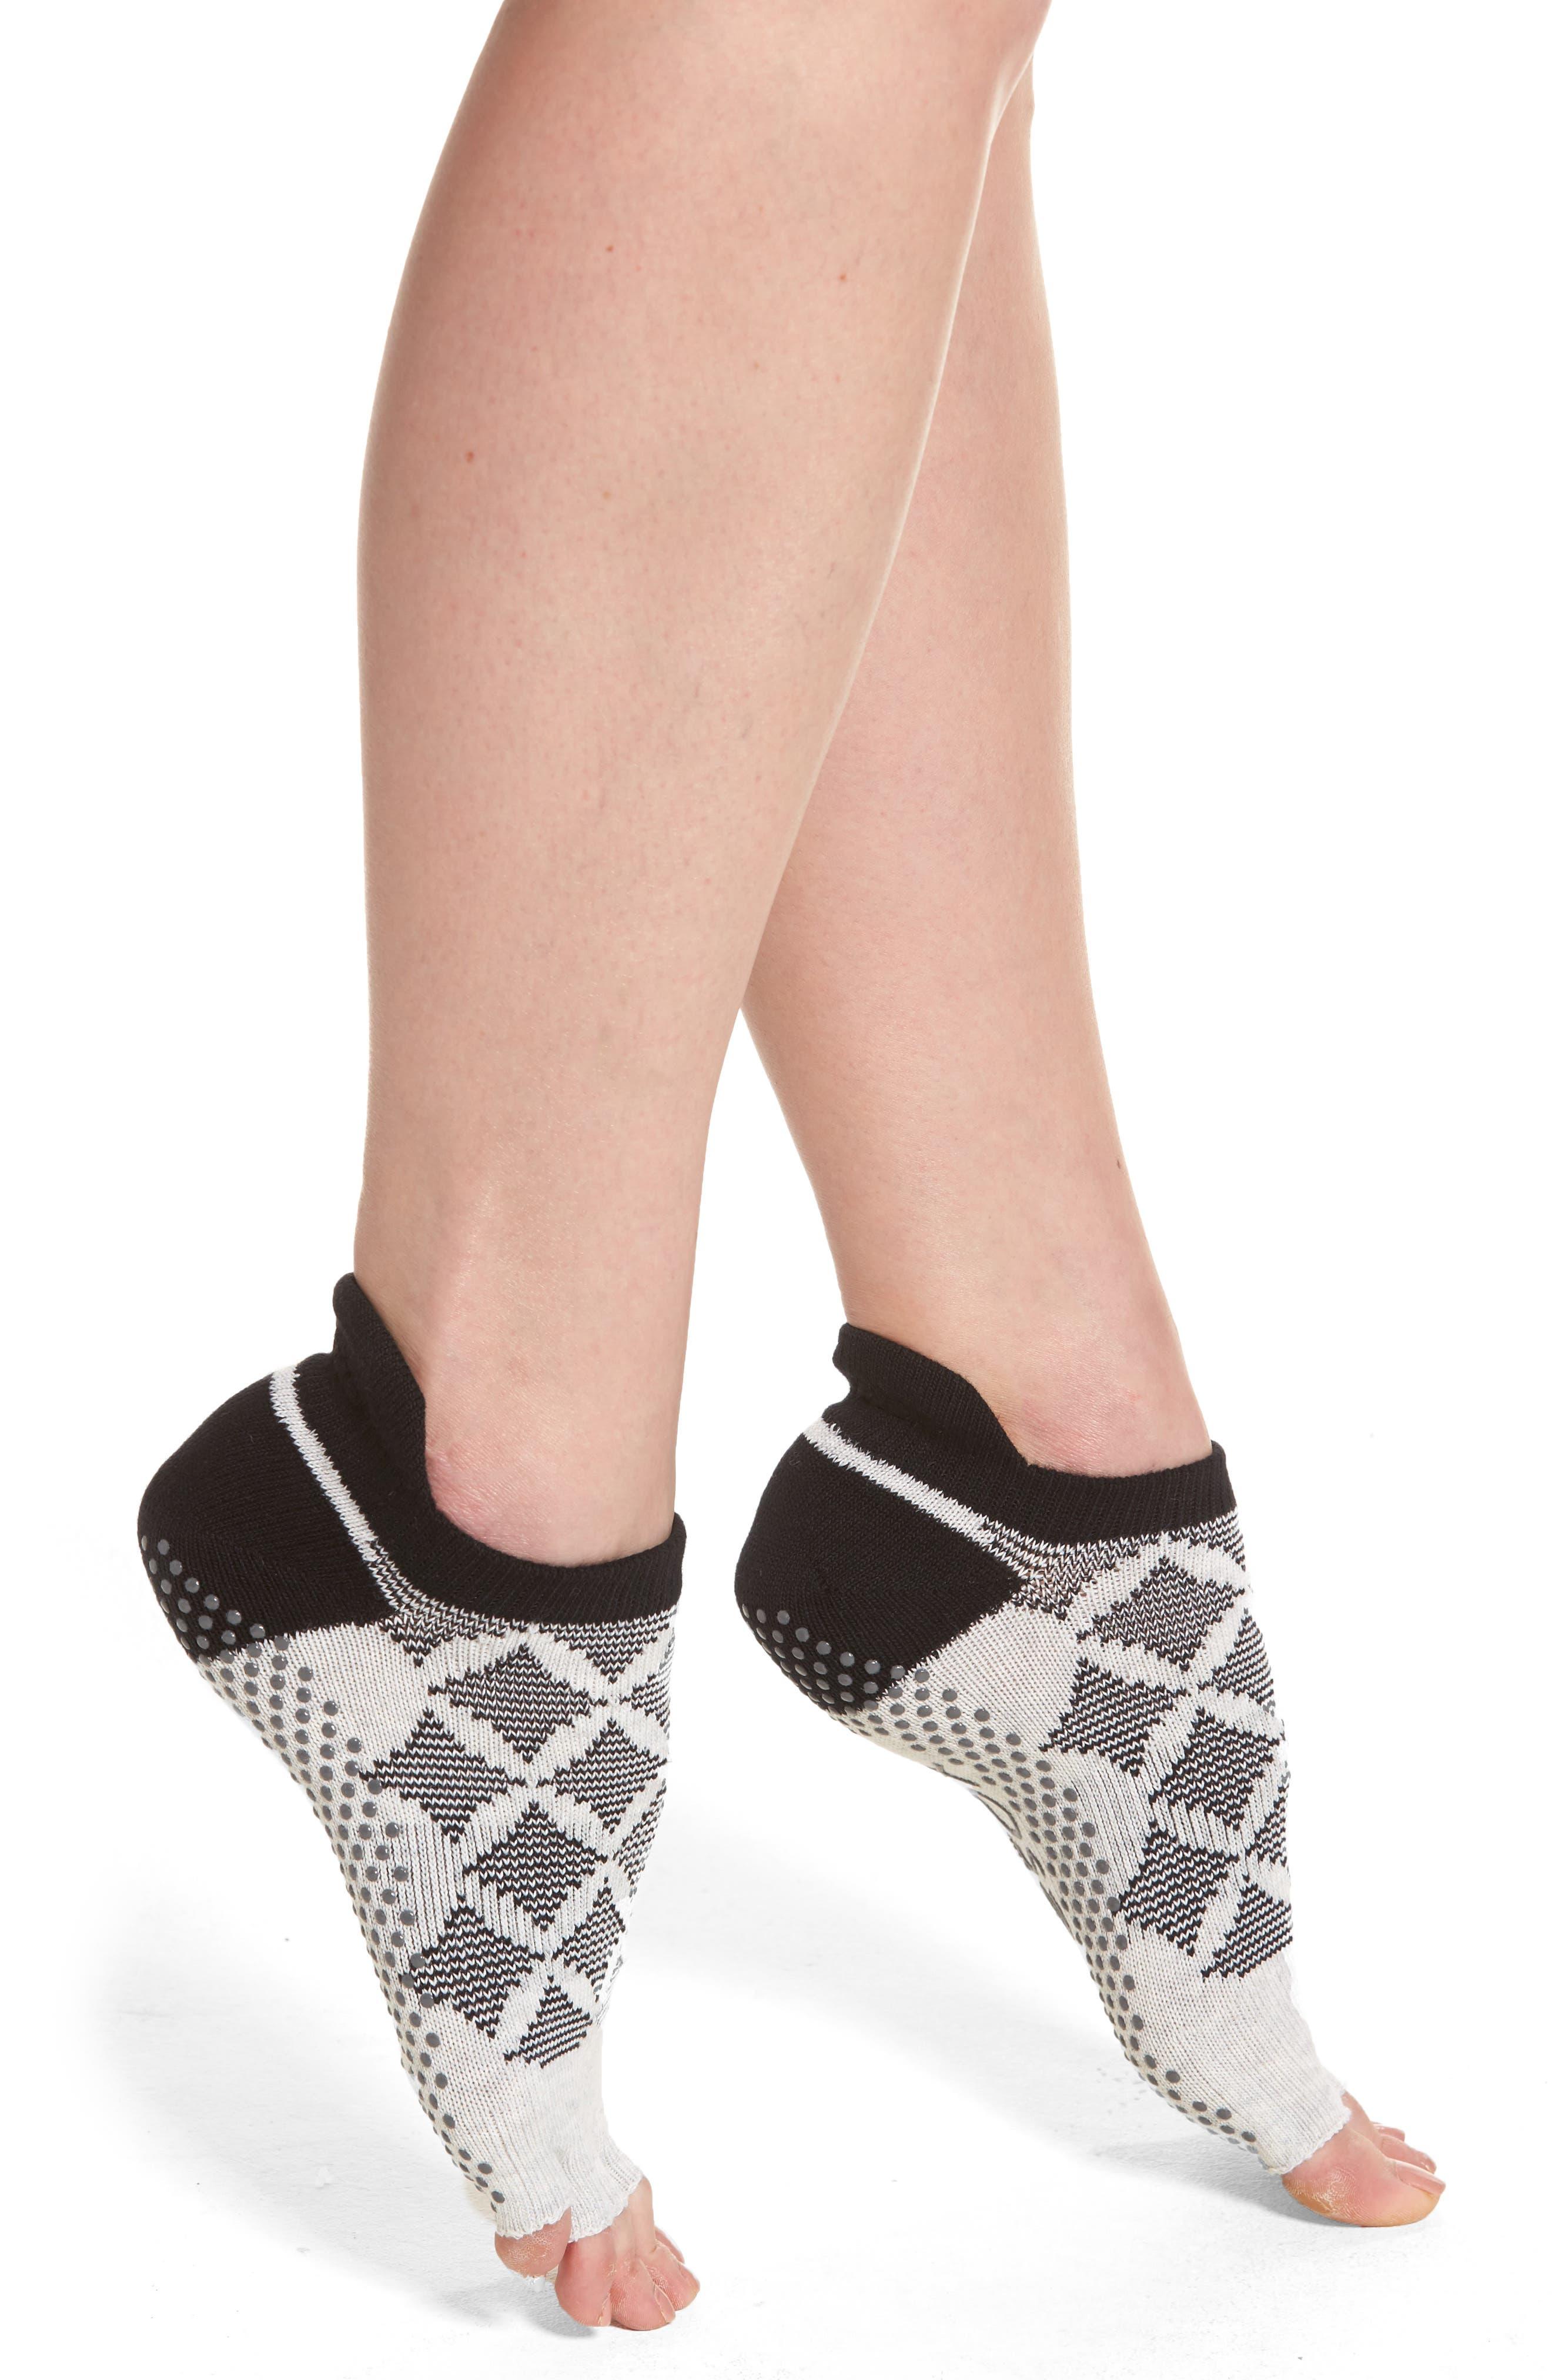 Low Rise Half Toe Gripper Socks,                         Main,                         color, 001